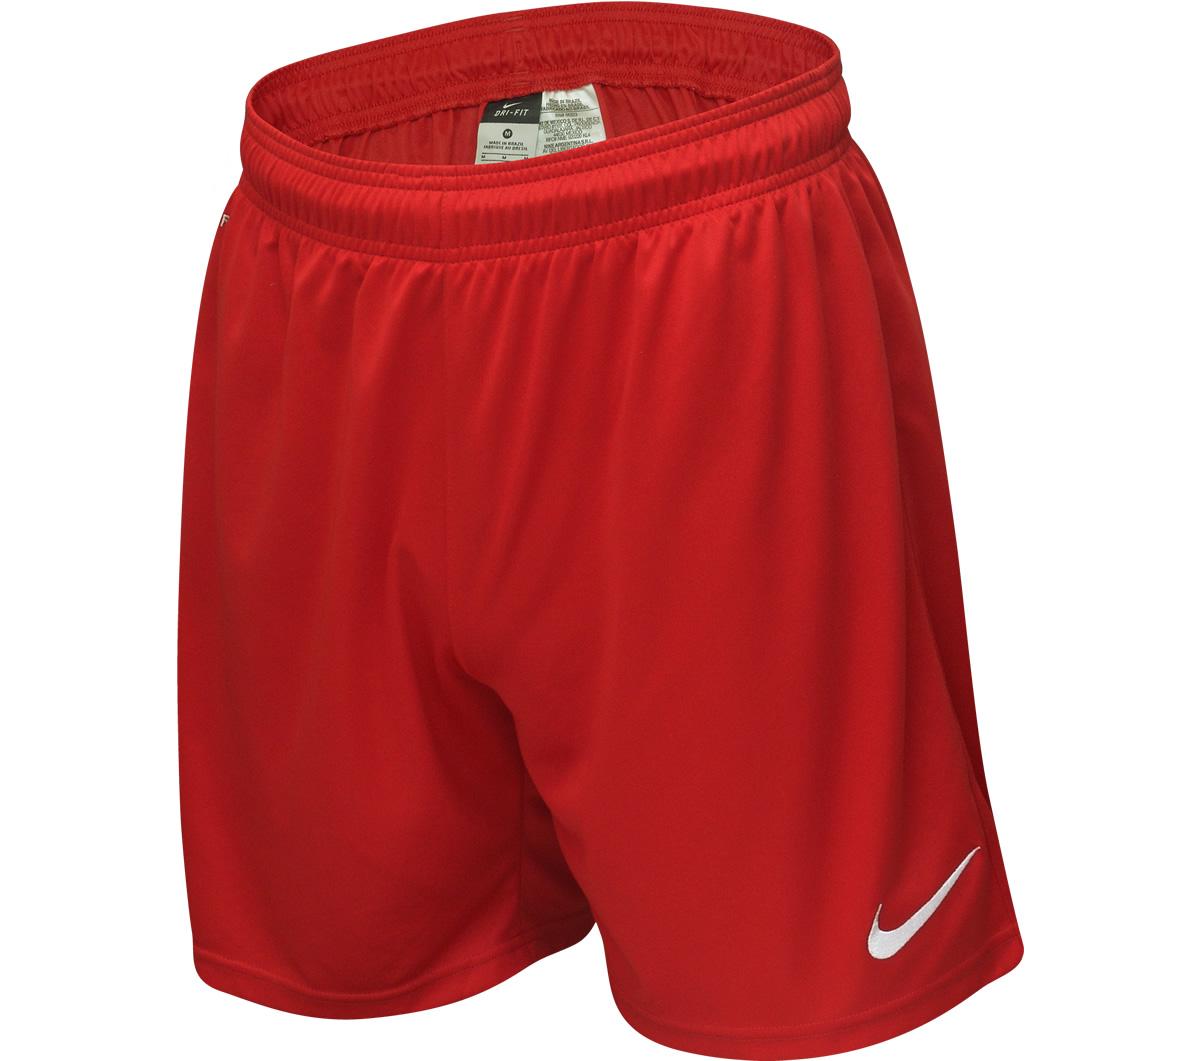 Calção Nike Park Knit Amarelo e Preto - Mundo do Futebol ca7e5b741e681